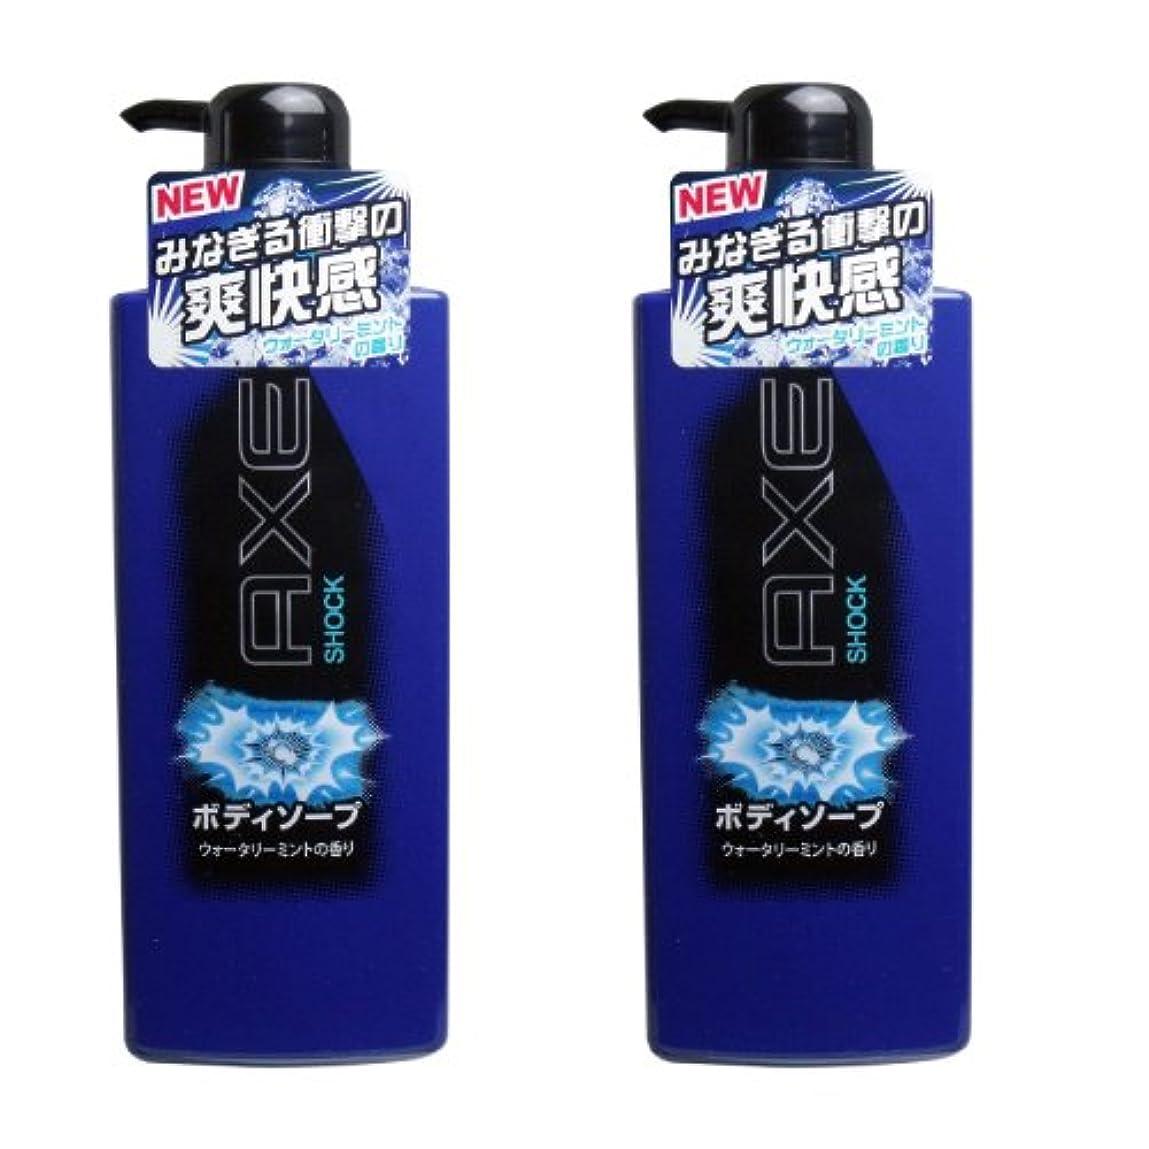 昇進気怠い動作AXE(アックス) ボディソープの2点セット (ショック ウォータリーミントの香り)